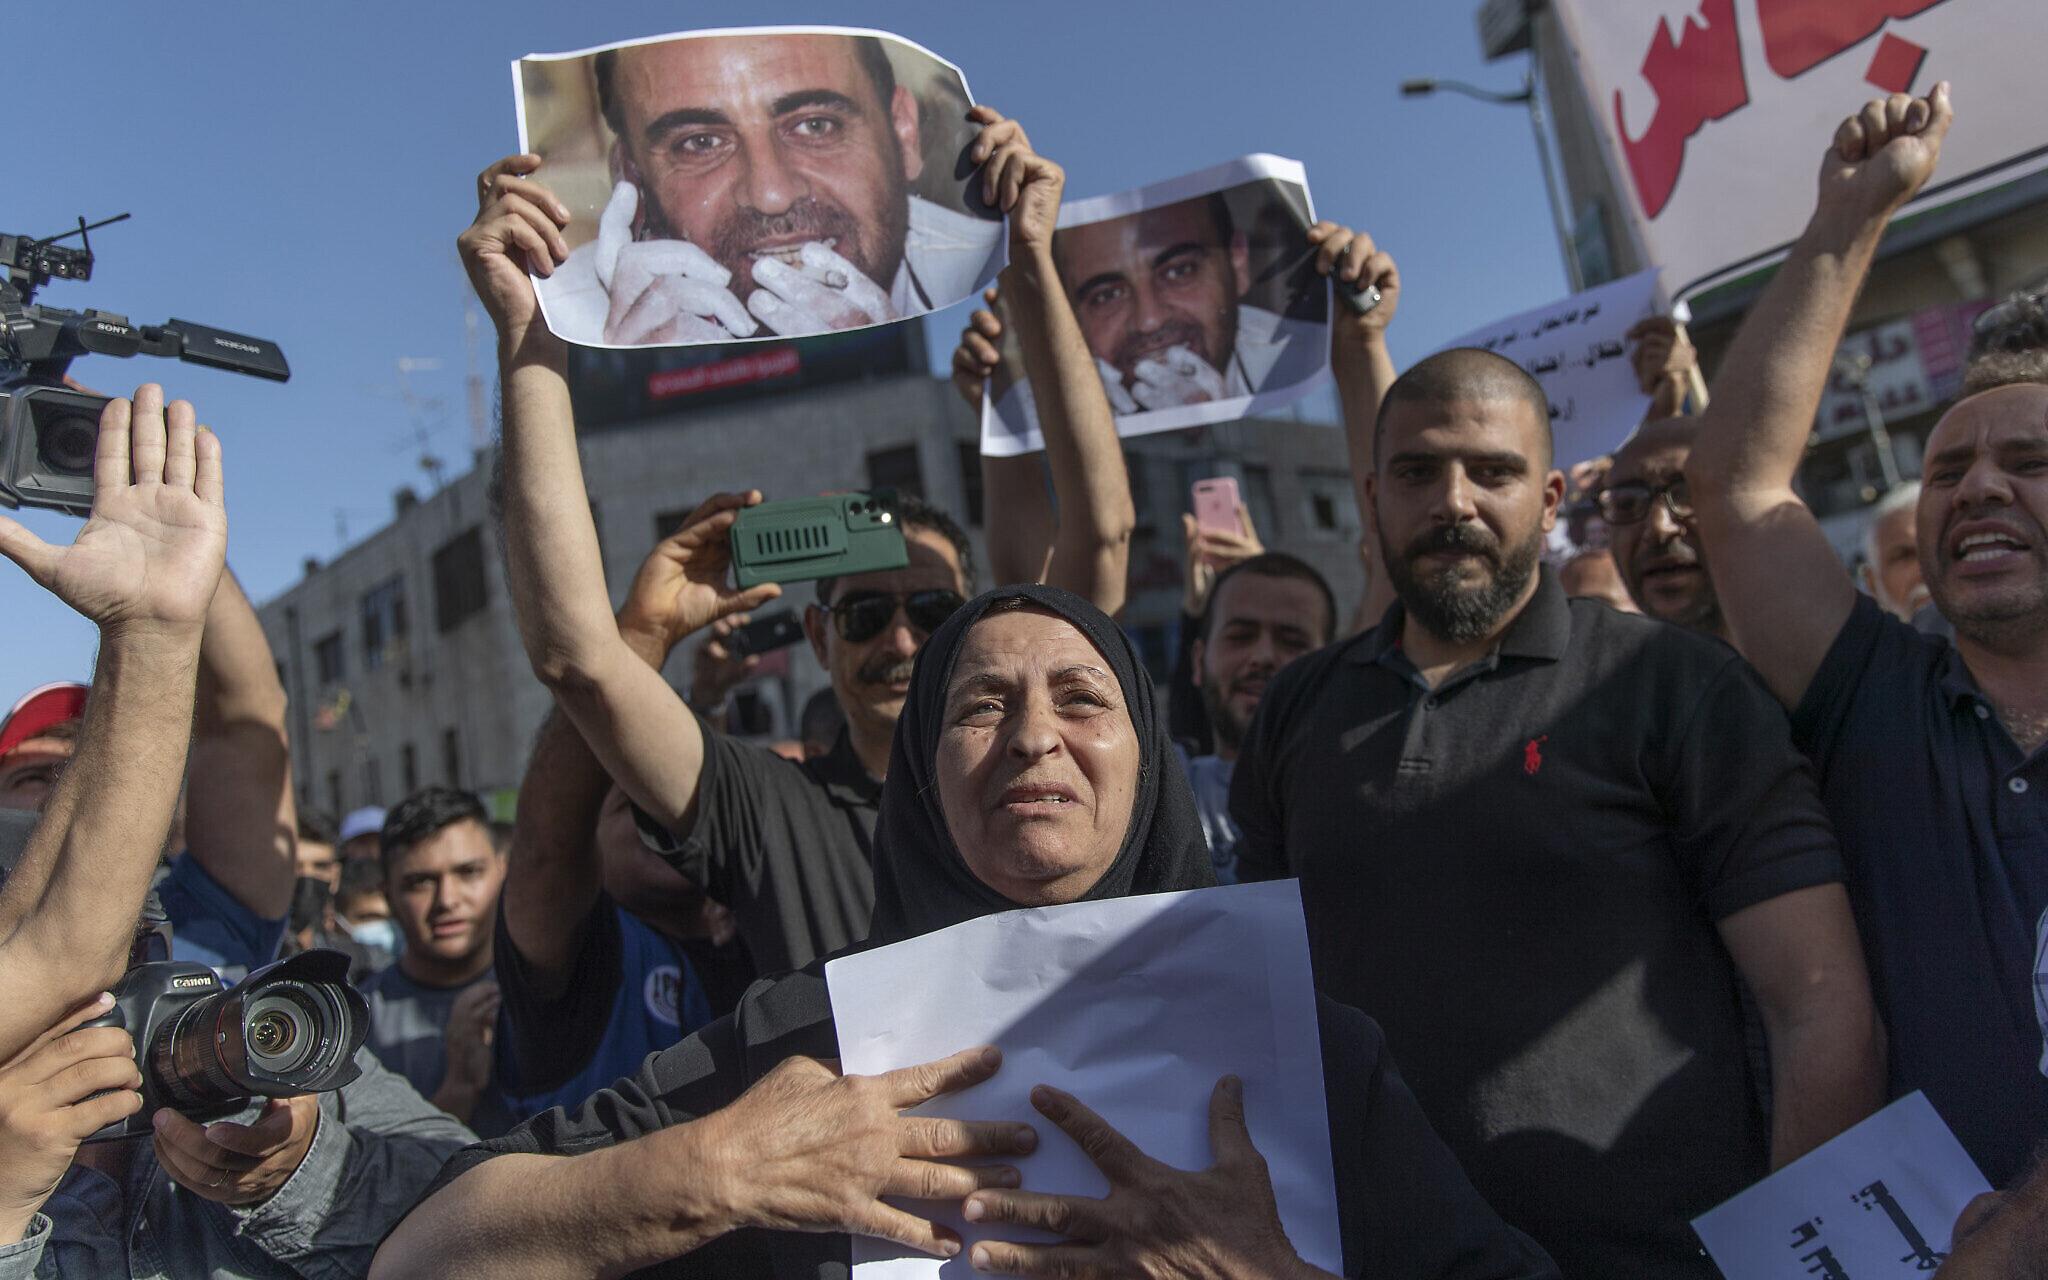 A Palesztin Hatóság fogságában életét vesztett aktivista családja nemzetközi bírósághoz fordul | Szombat Online